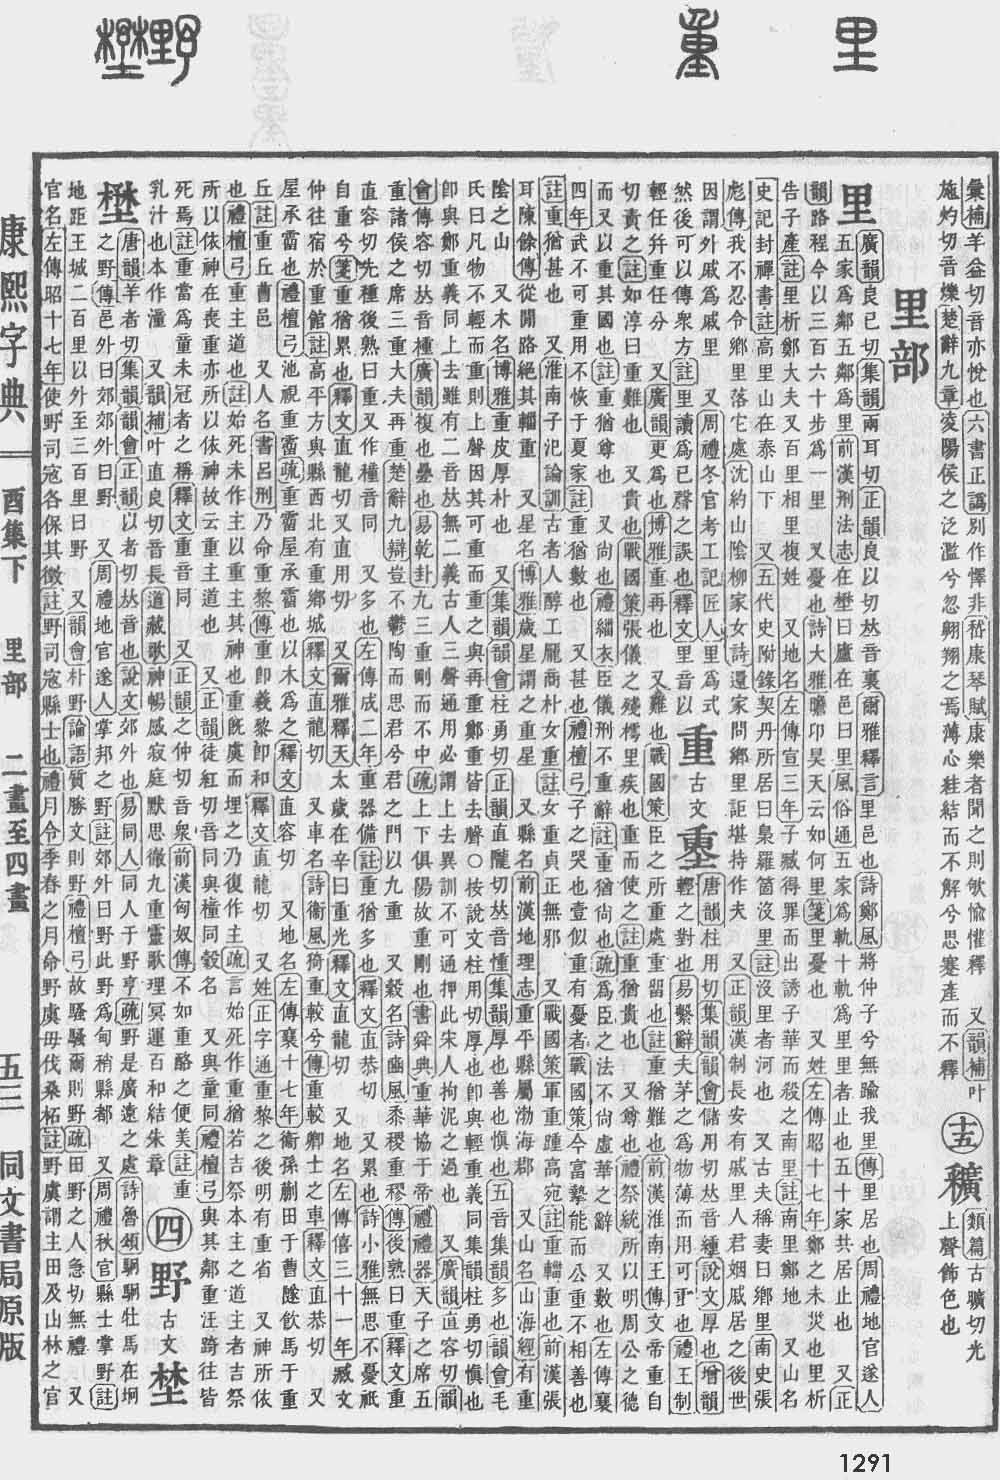 《康熙字典》第1291页